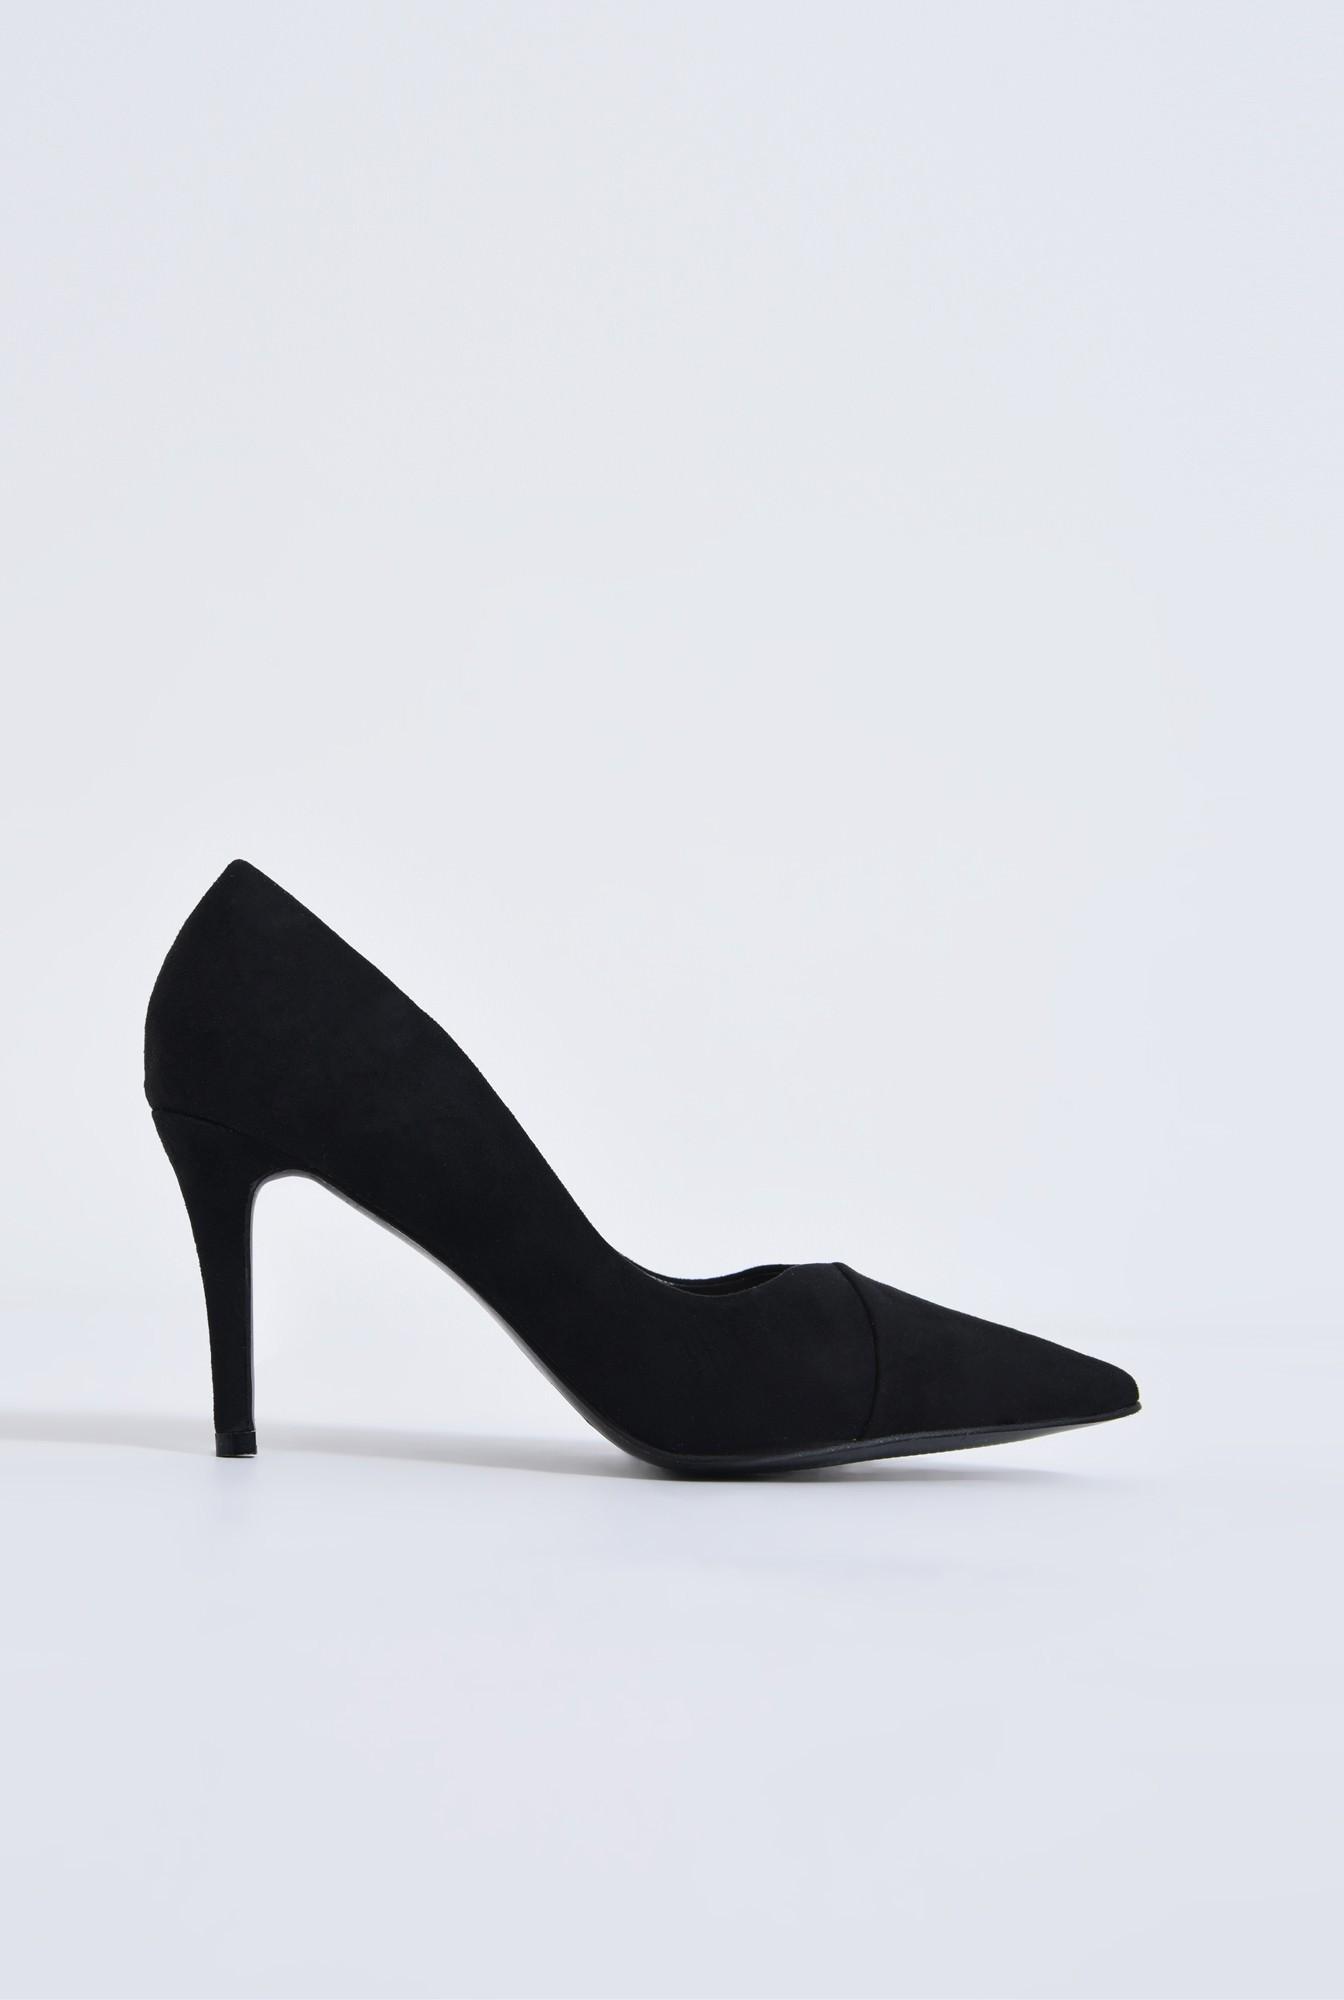 0 - pantofi casual, negru, toc subtire